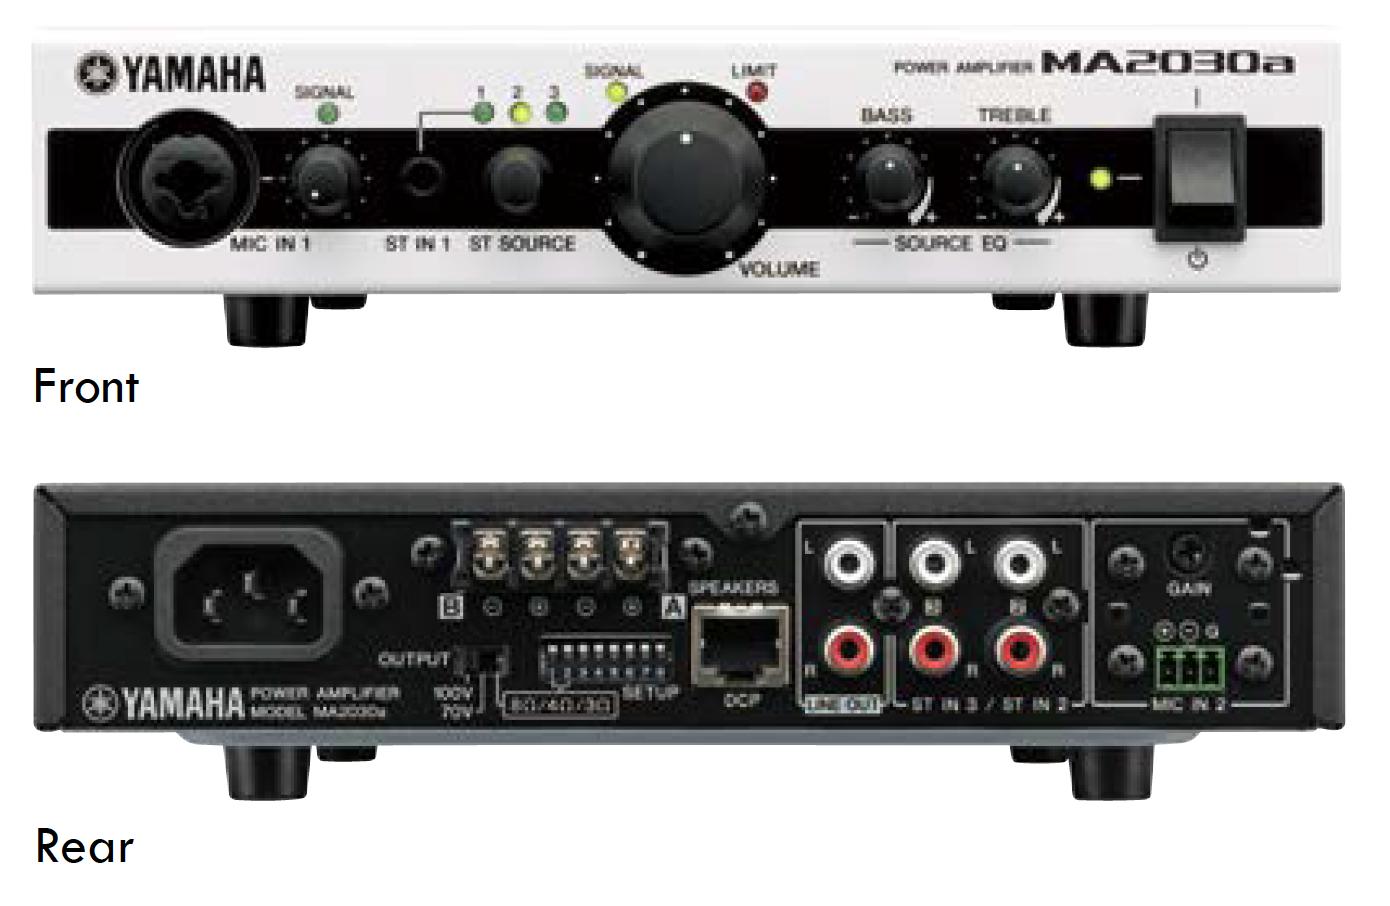 YAMAHA Yamaha MA 2030a - Mixeur / Amplificateur à basse et haute impédence à deux canaux